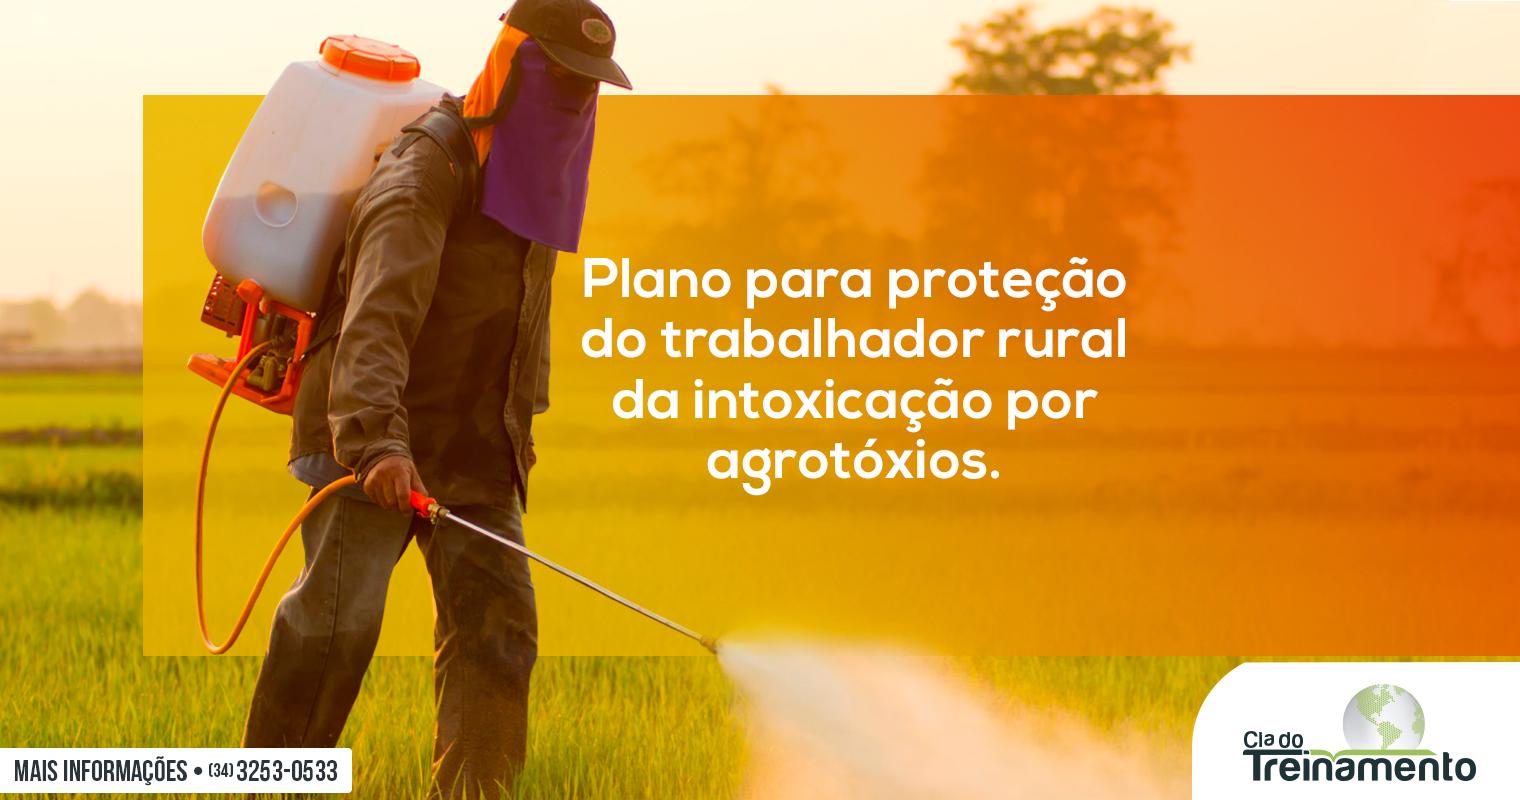 Saúde elabora Plano para proteção do trabalhador rural da intoxicação por agrotóxicos